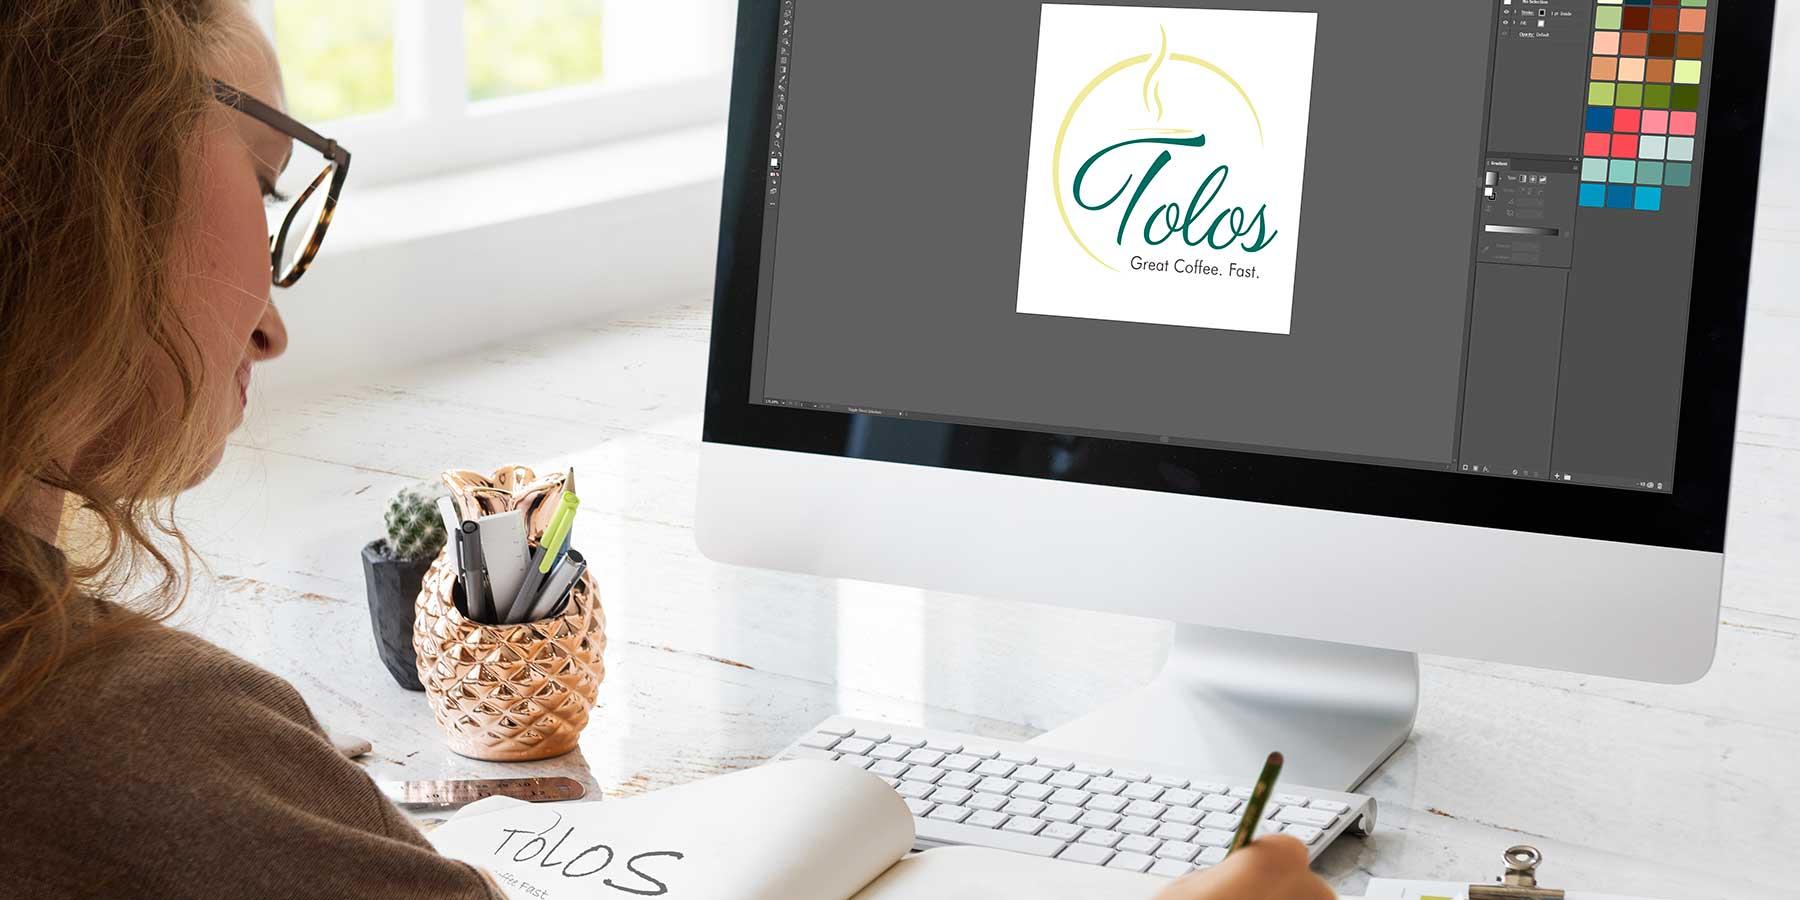 Logo design by expert logo designers.